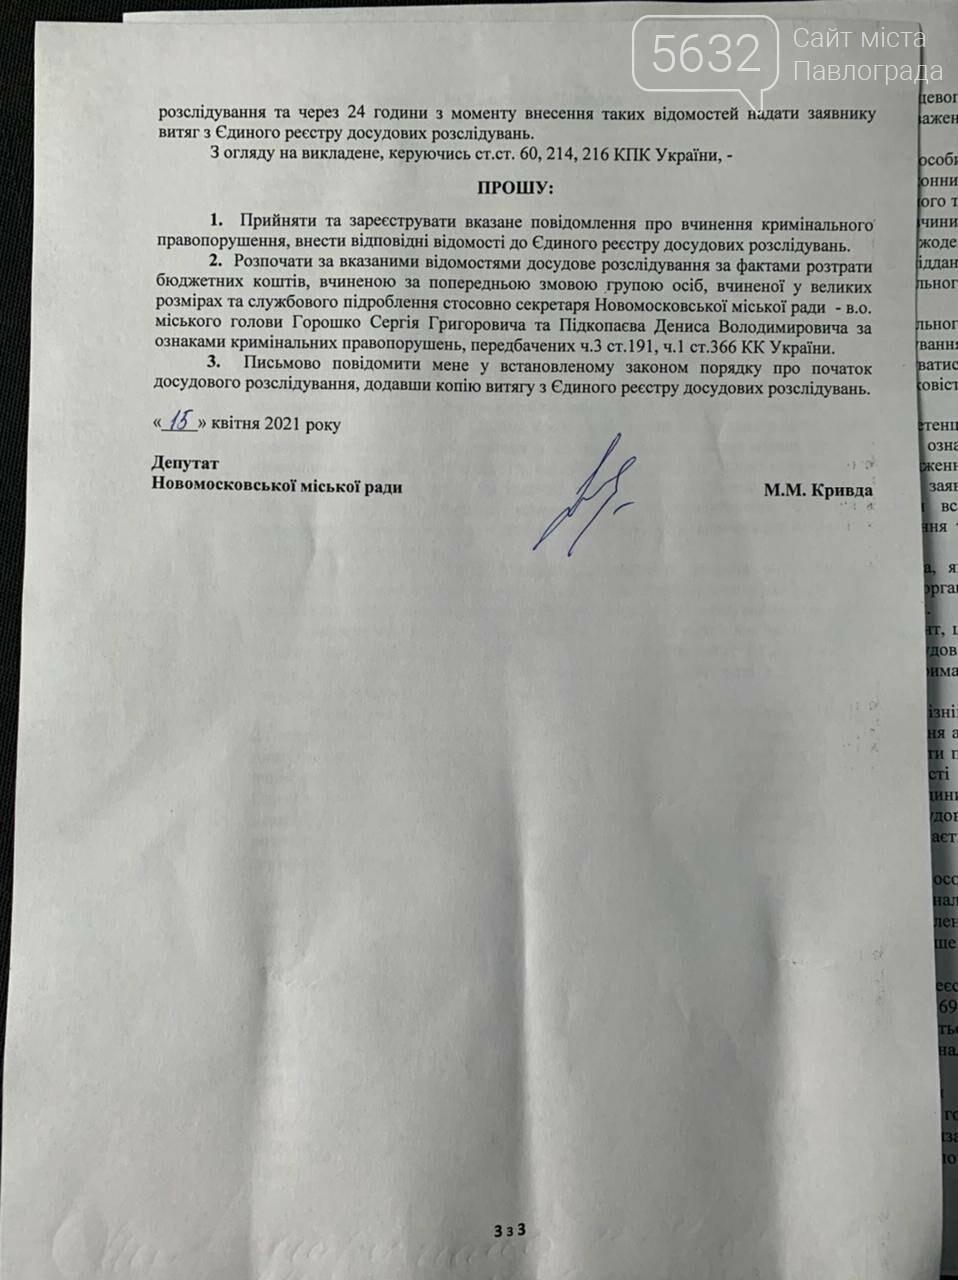 Коррупционный скандал на Днепропетровщине: в Новомосковске экс-секретарь городского совета обвиняется в растрате бюджетных средств, фото-3